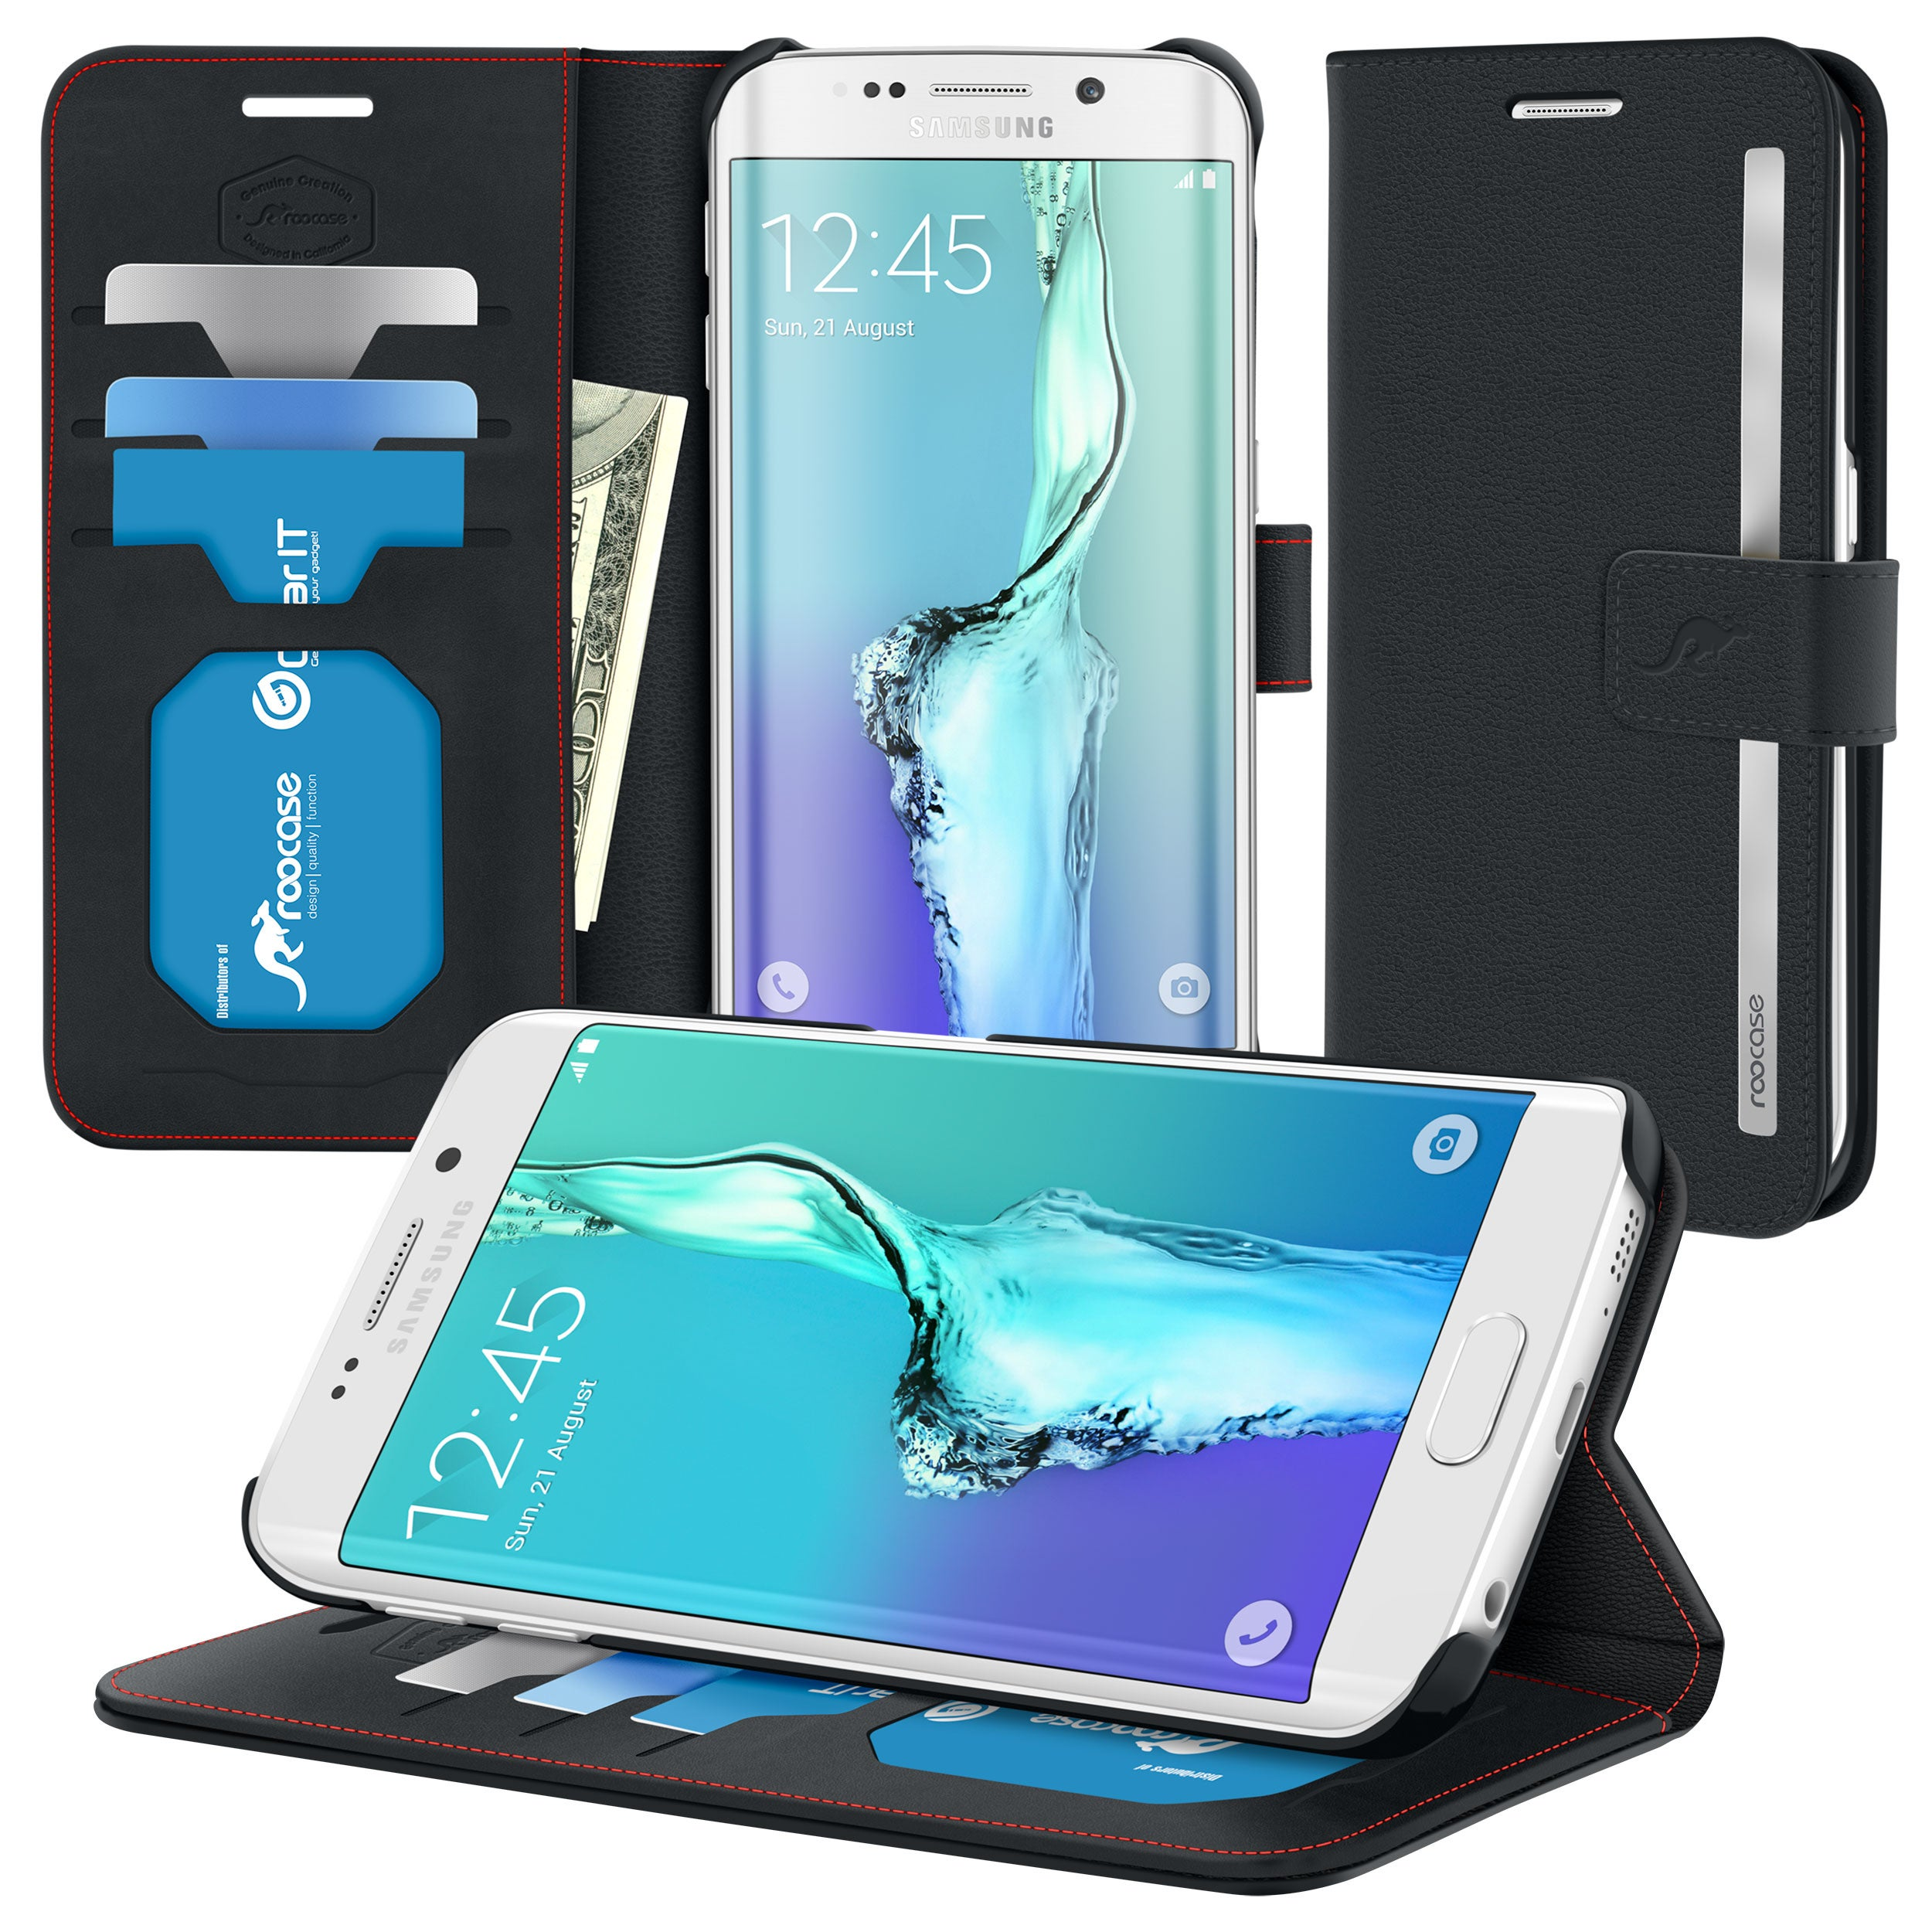 roocase Prestige Folio Case for Samsung Galaxy S6 Edge+